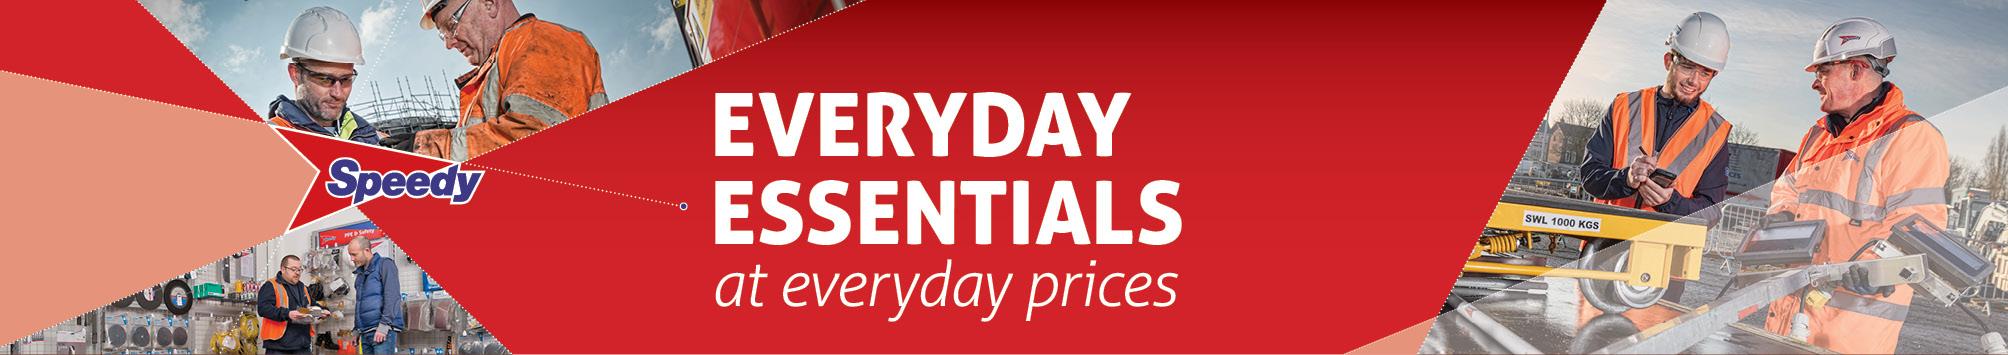 Everyday Essentials Landing Page Header.jpg